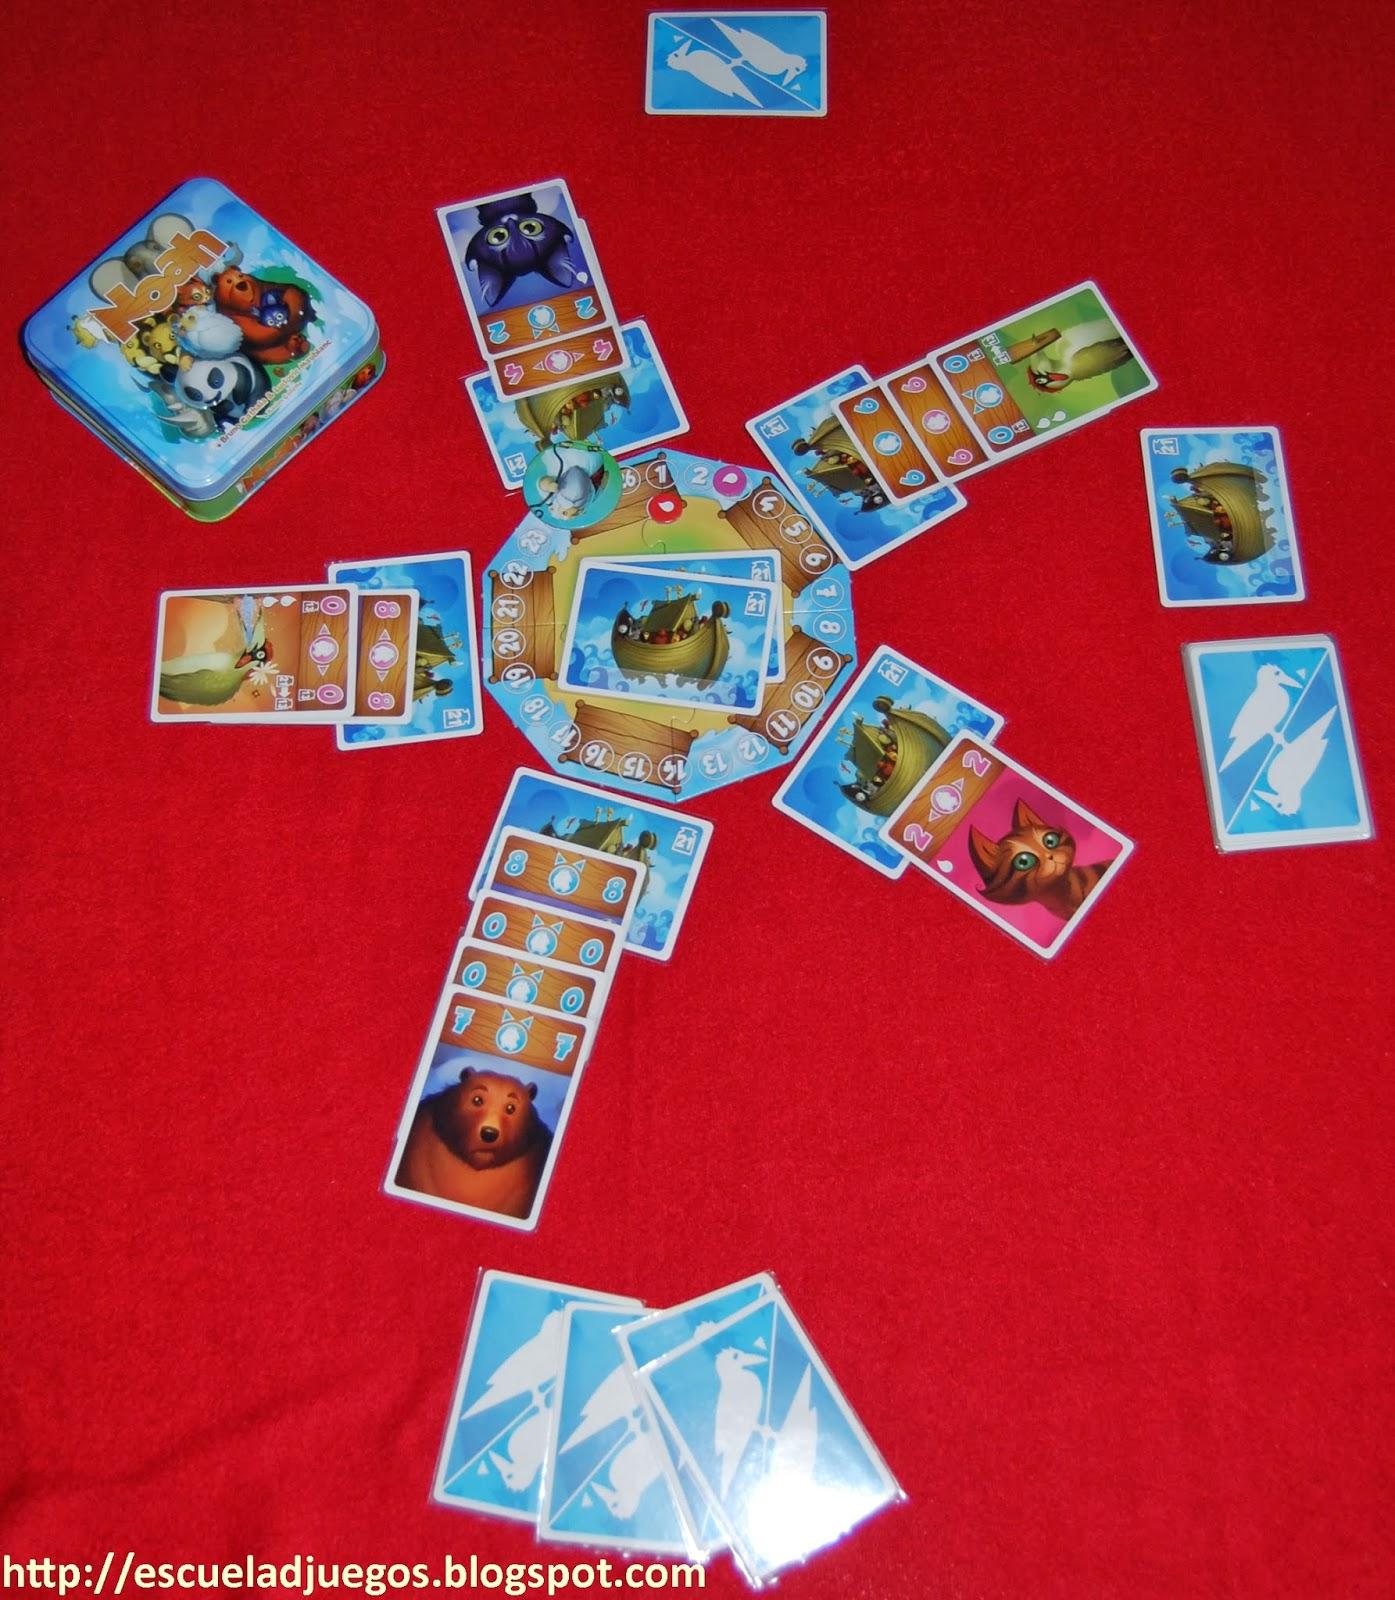 Noah, juego de cartas de Bruno Cathala y Ludovic Maublanc, para hasta 5 jugadores, editado por Bombyx y distribuido por Asmodee